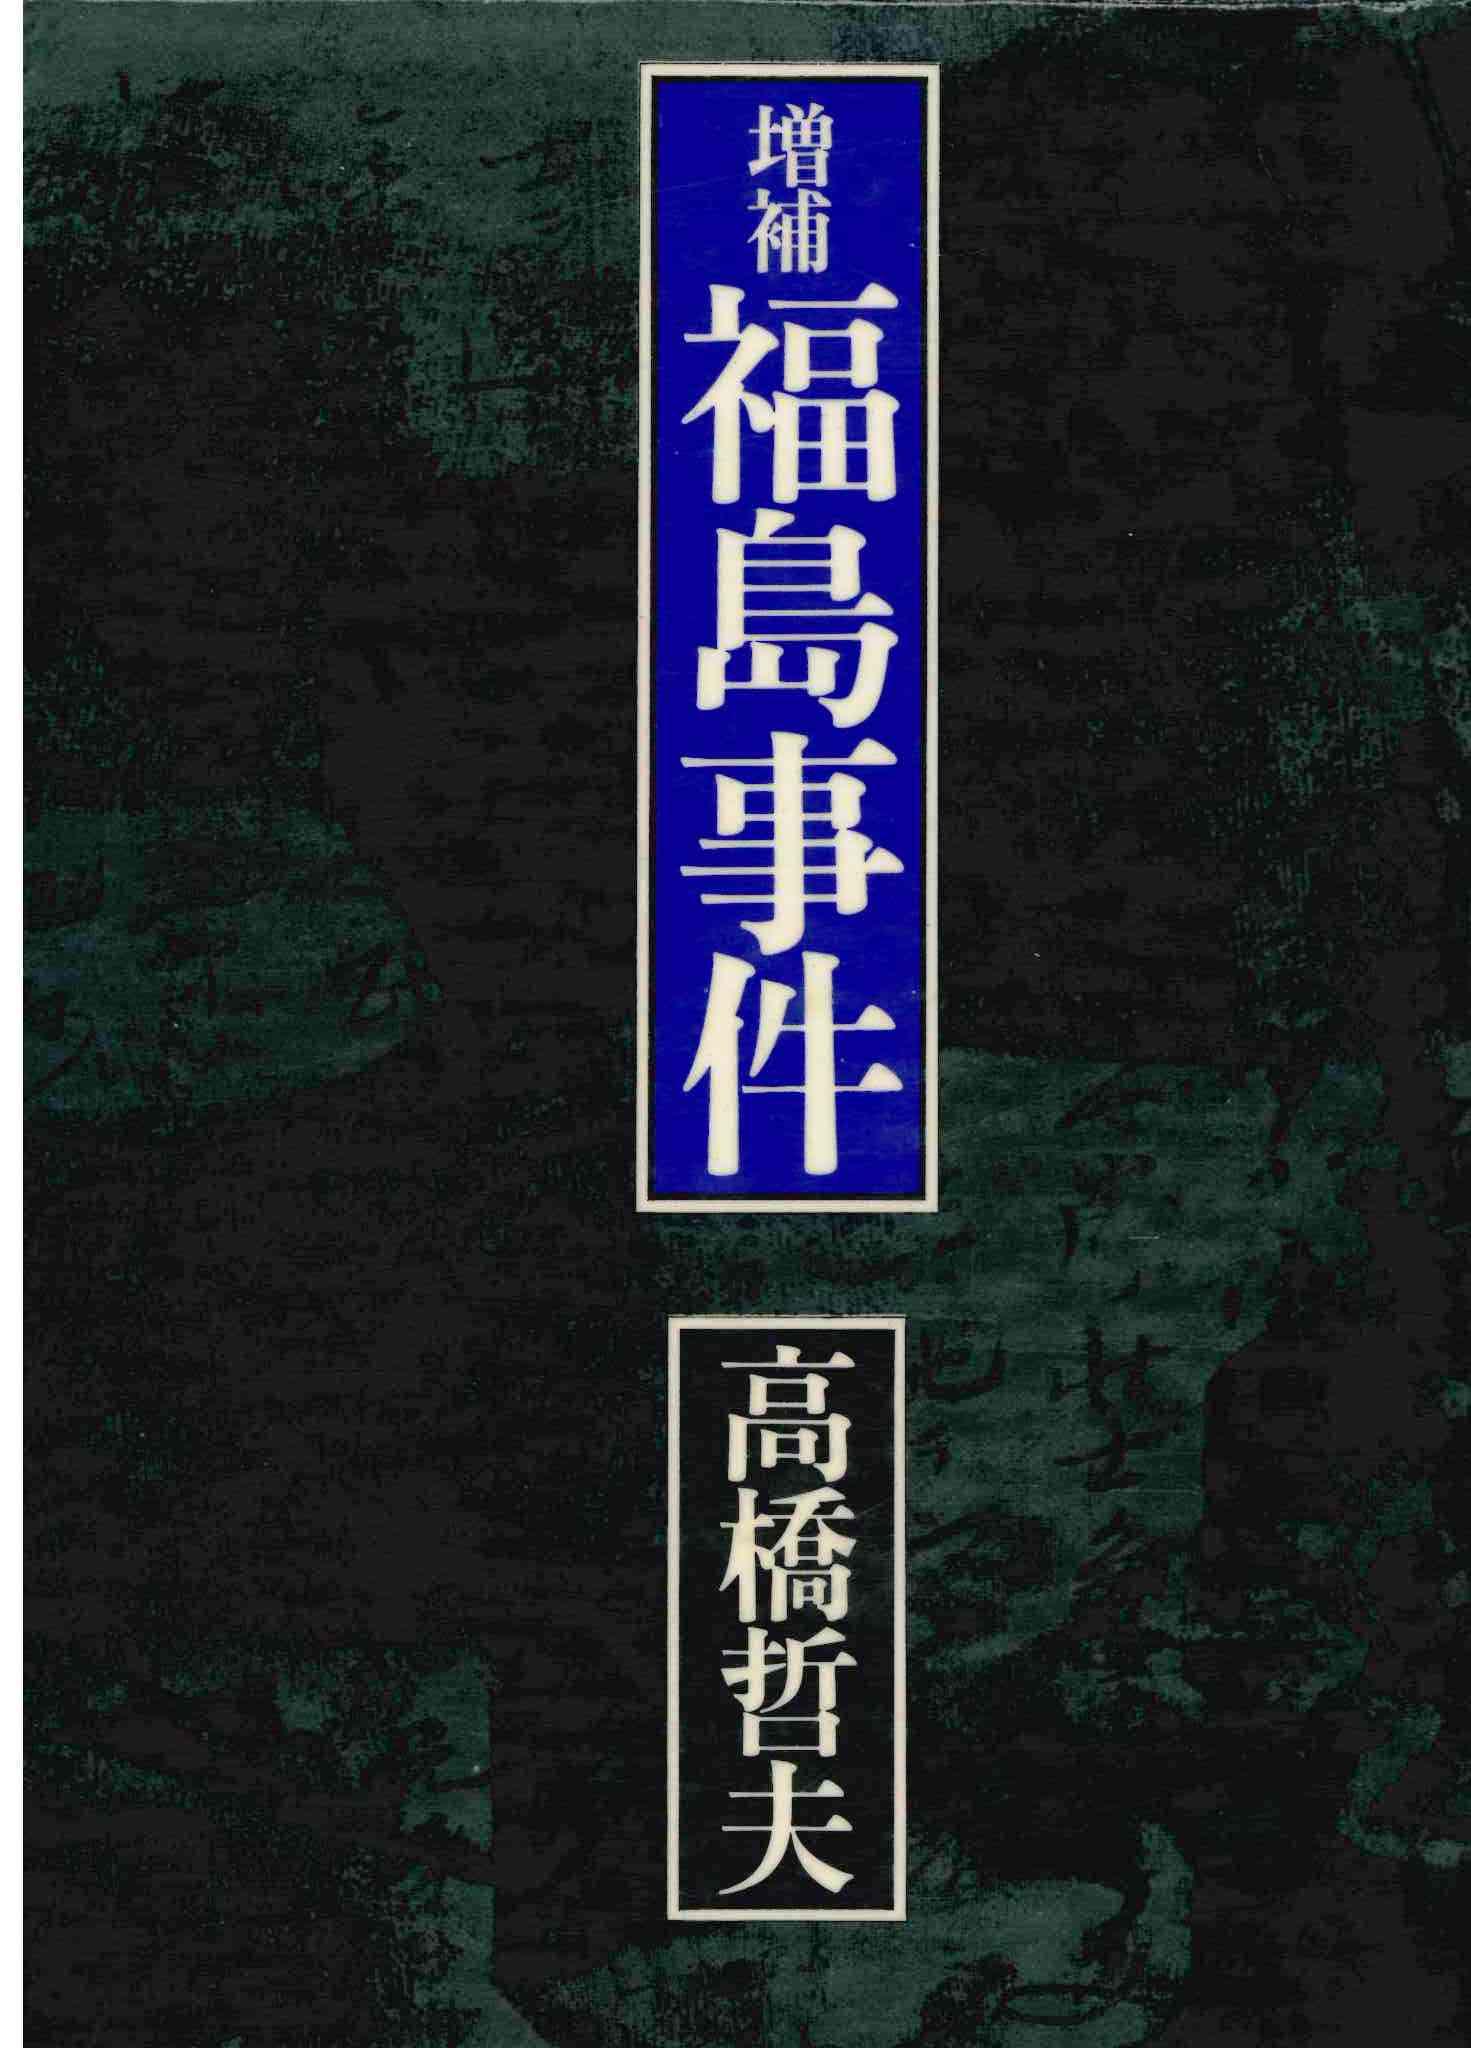 hukushima-jikenn